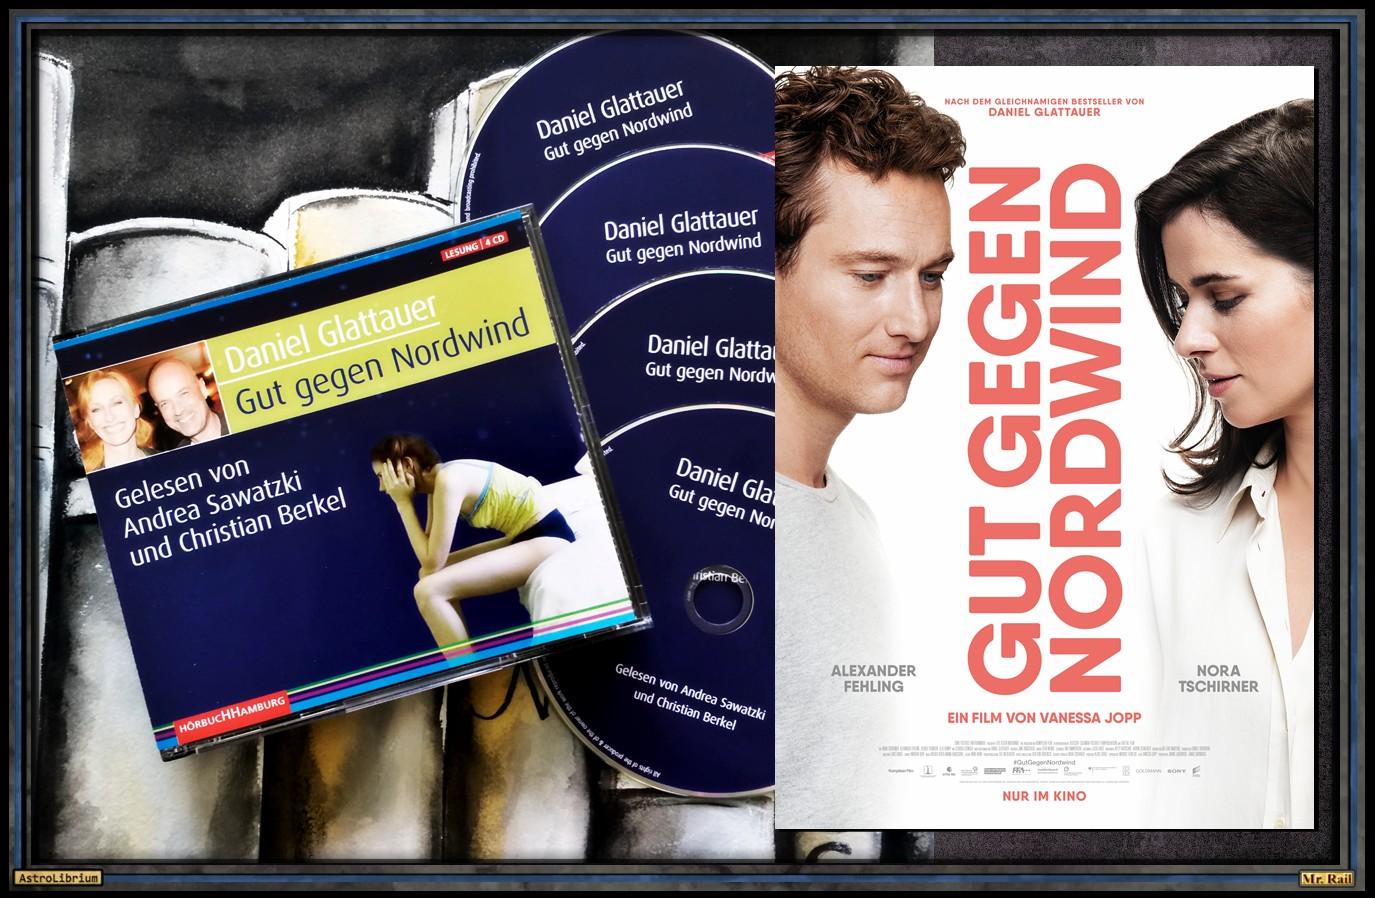 Gut gegen Nordwind - Buch, Hörbuch und Film - AstroLibrium